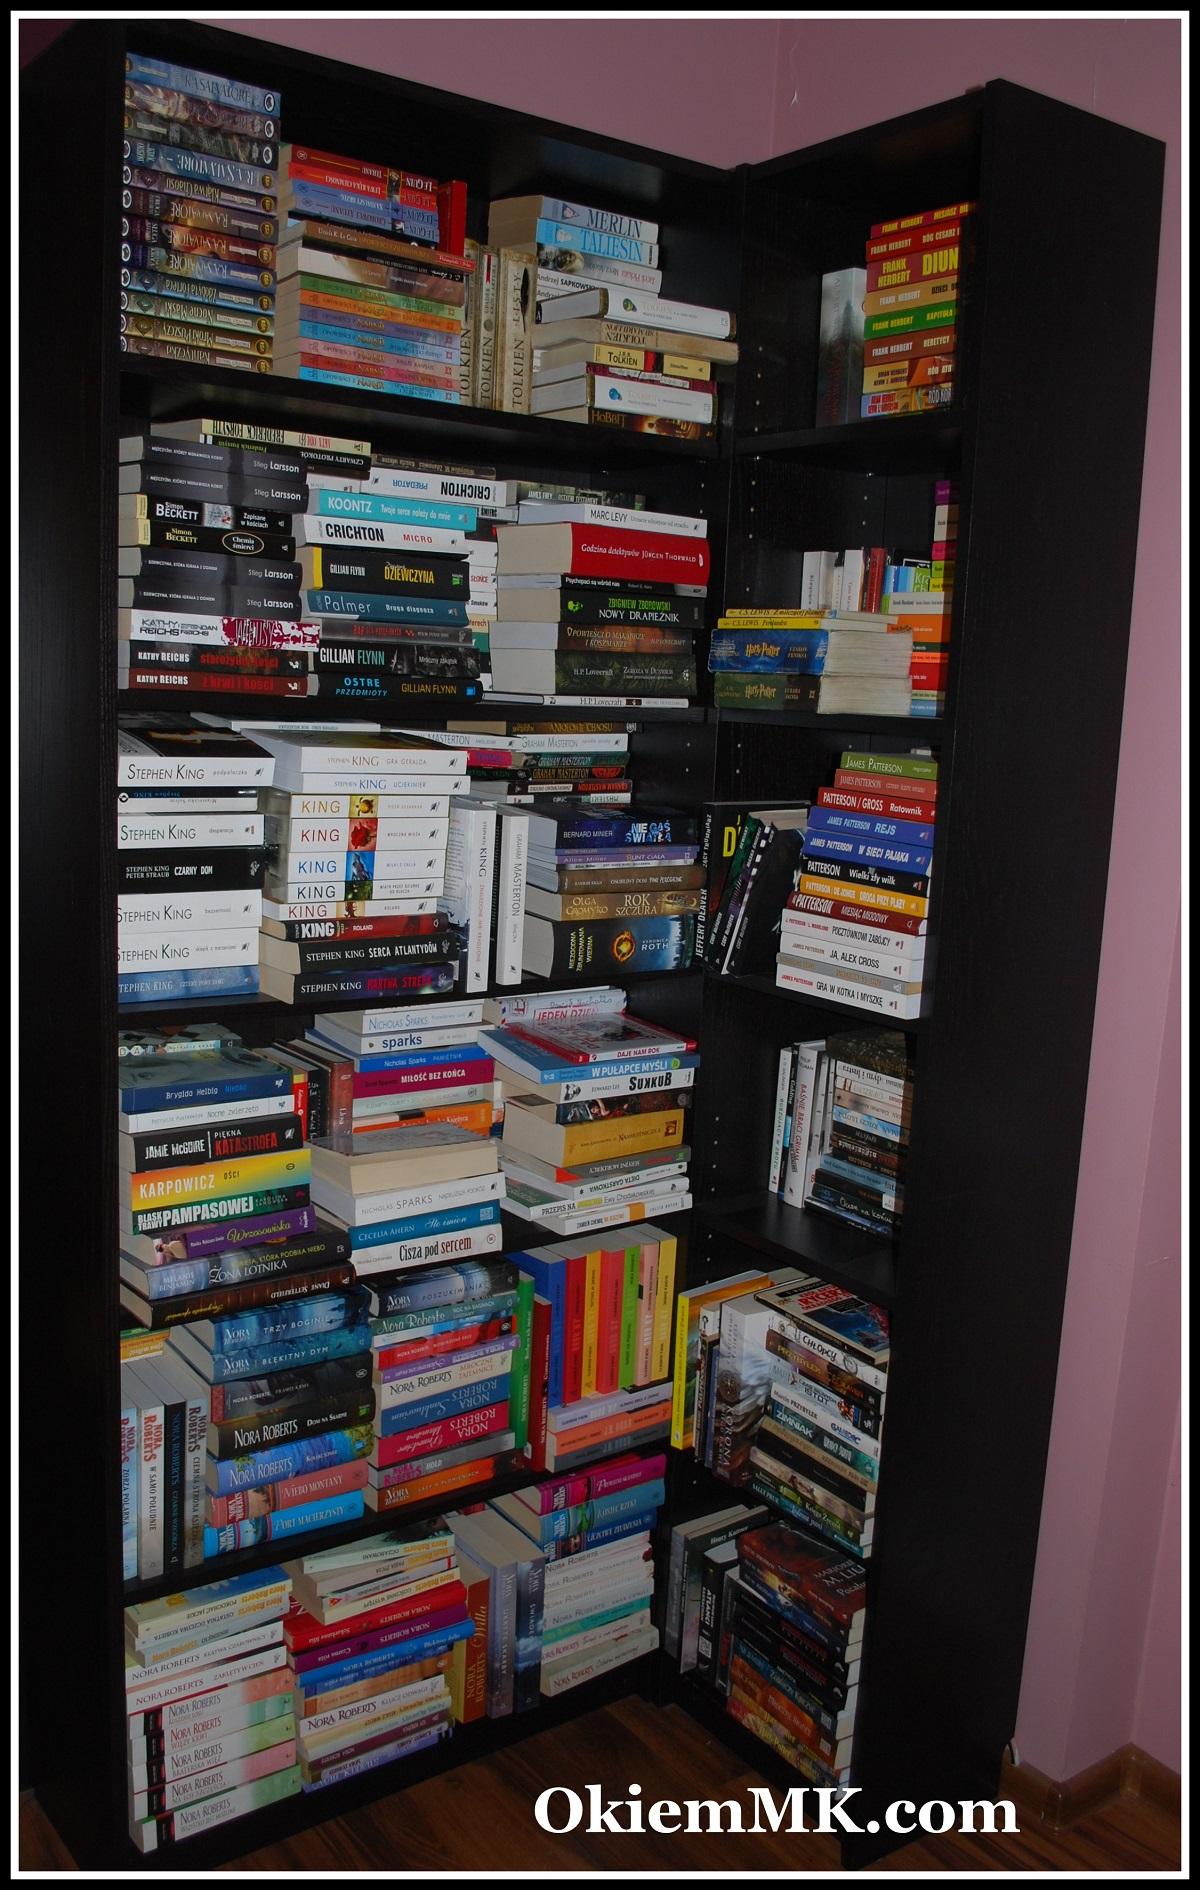 ksiazki-moja-domowa-biblioteczka-a-wlasciwie-jej-obraz-na-dzis